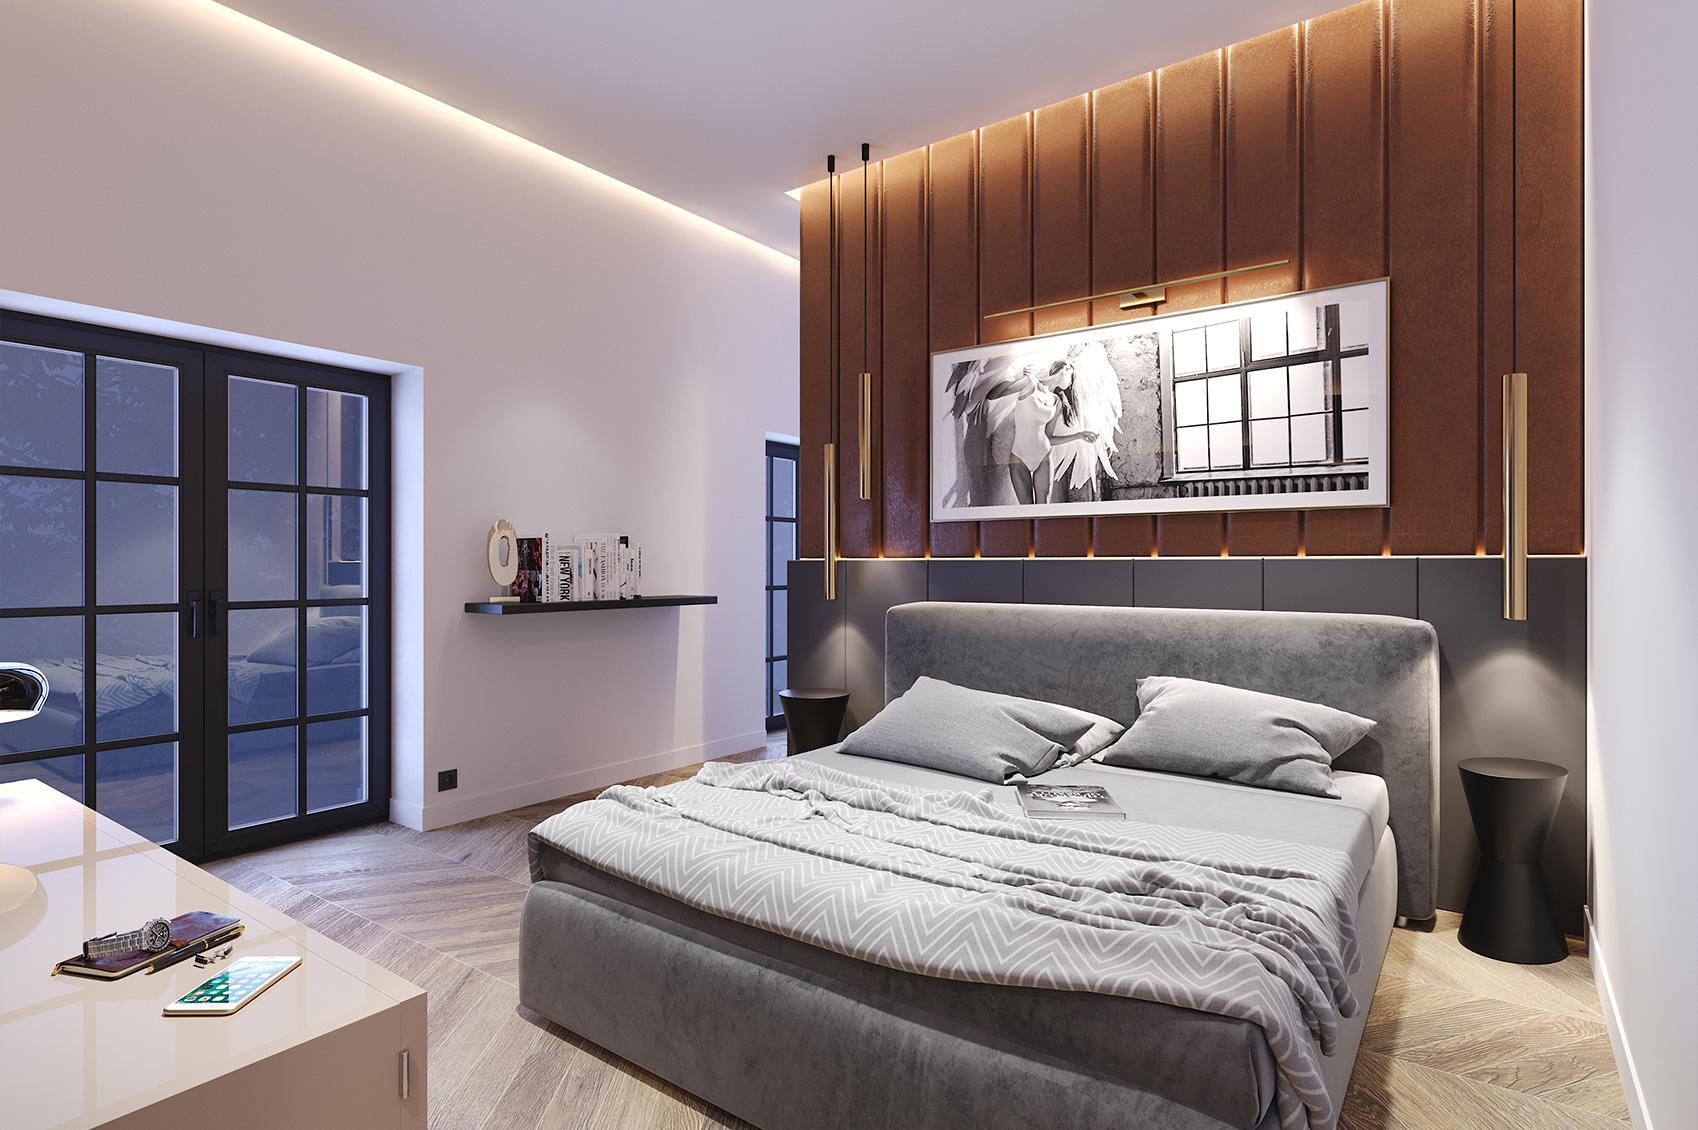 Innenraumvisualisierung Loftwohnung Schlafzimmer